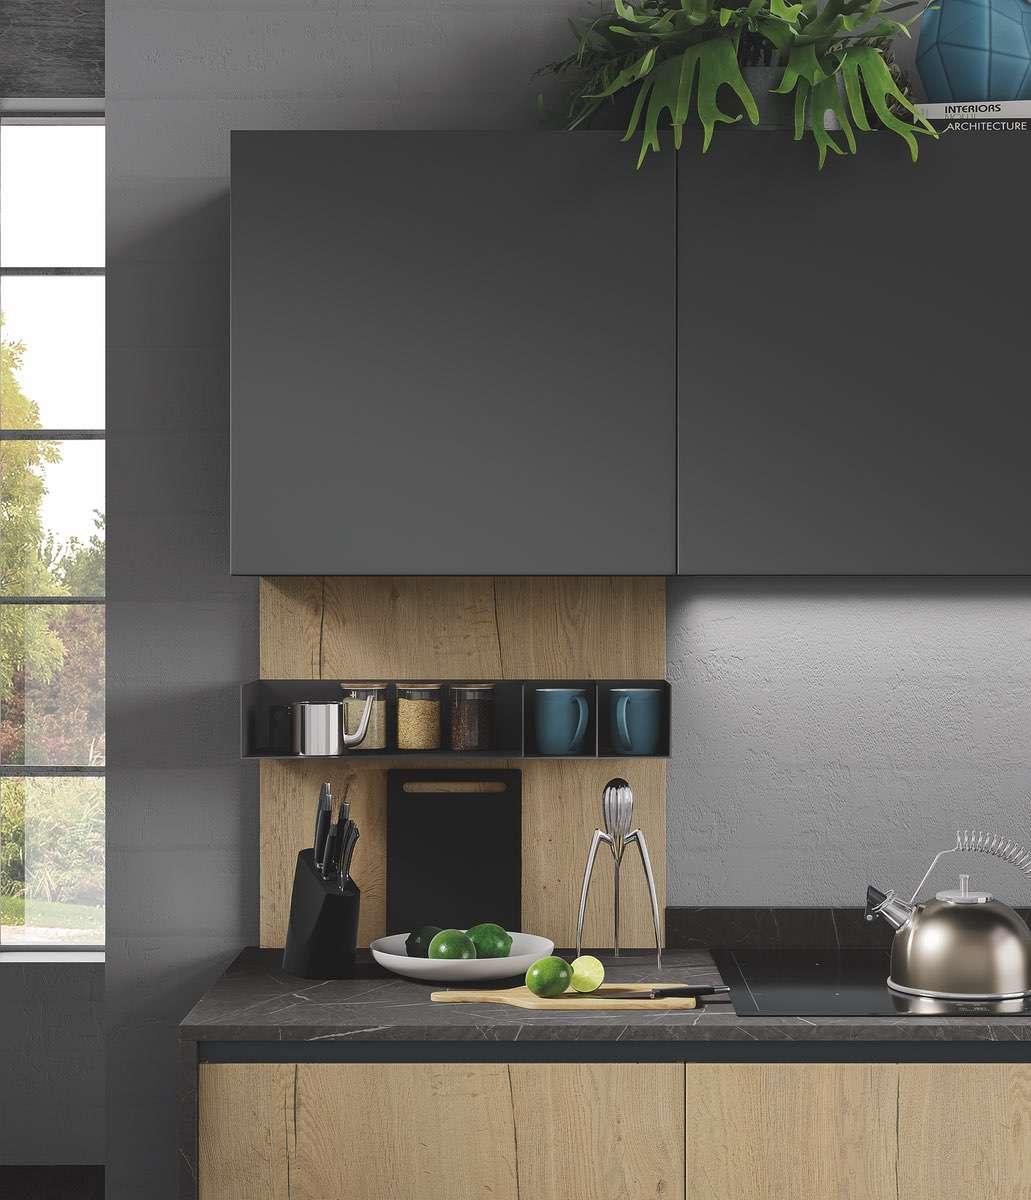 Cucina ergonomica Hilary rovere naturale grafite